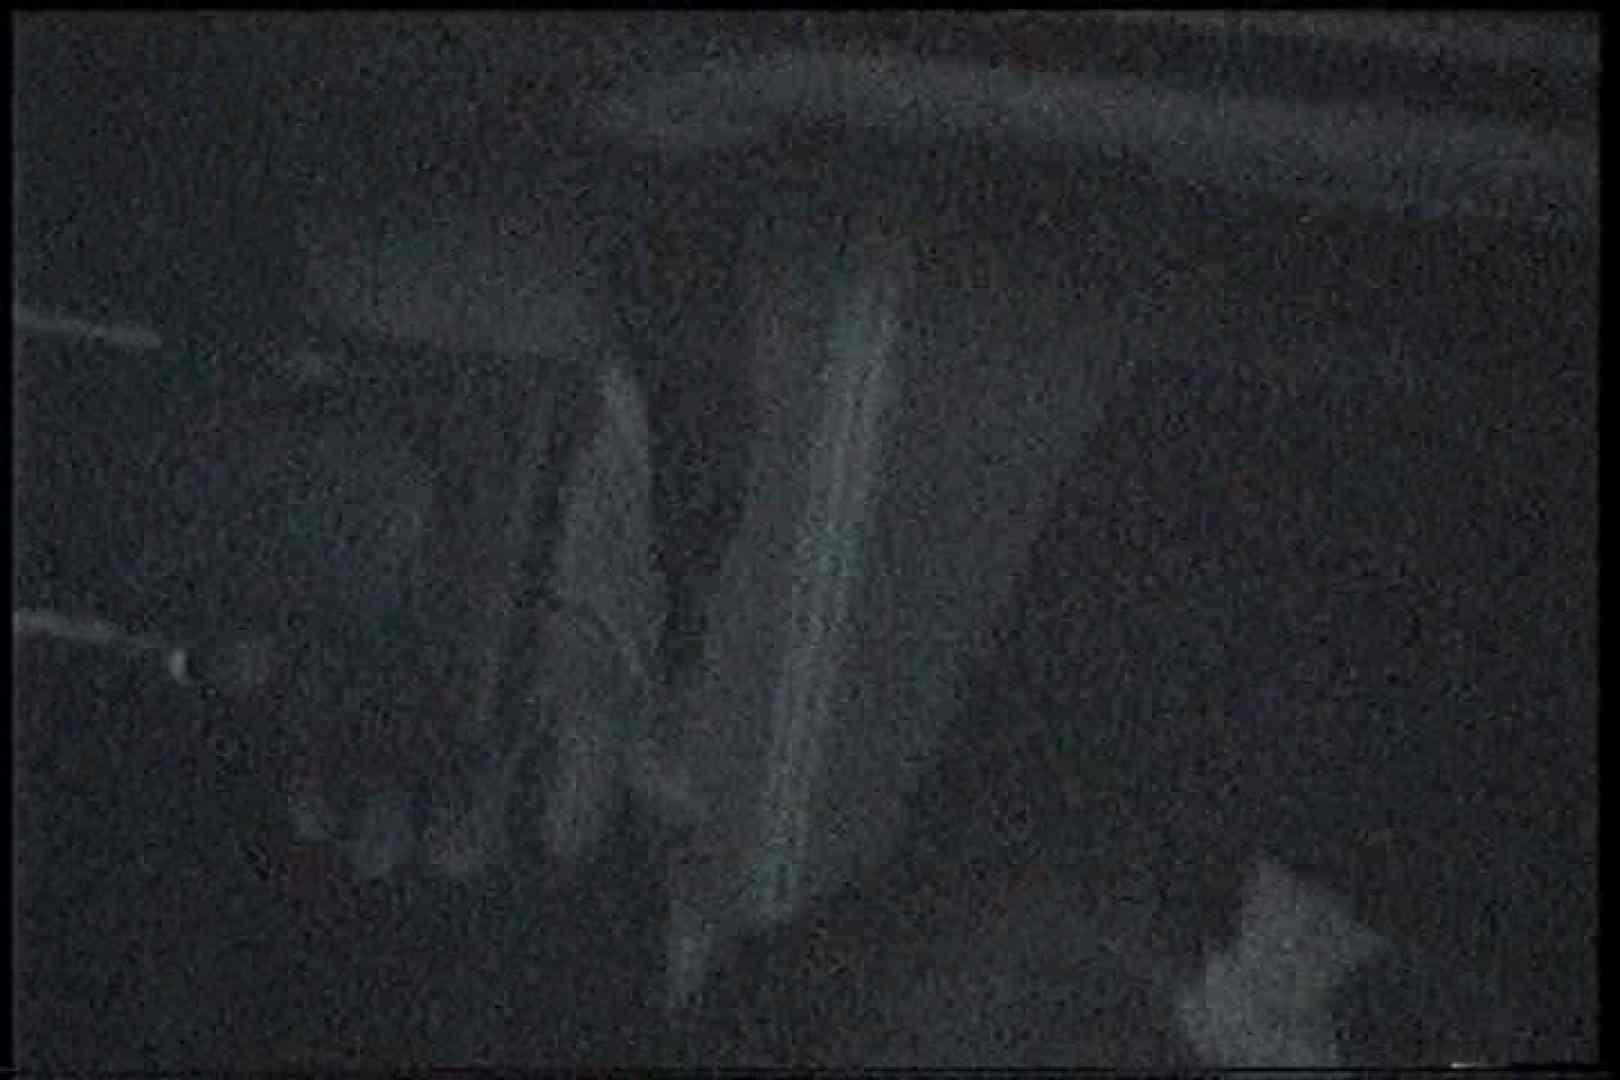 充血監督の深夜の運動会Vol.198 チクビ   OLエロ画像  76PICs 37